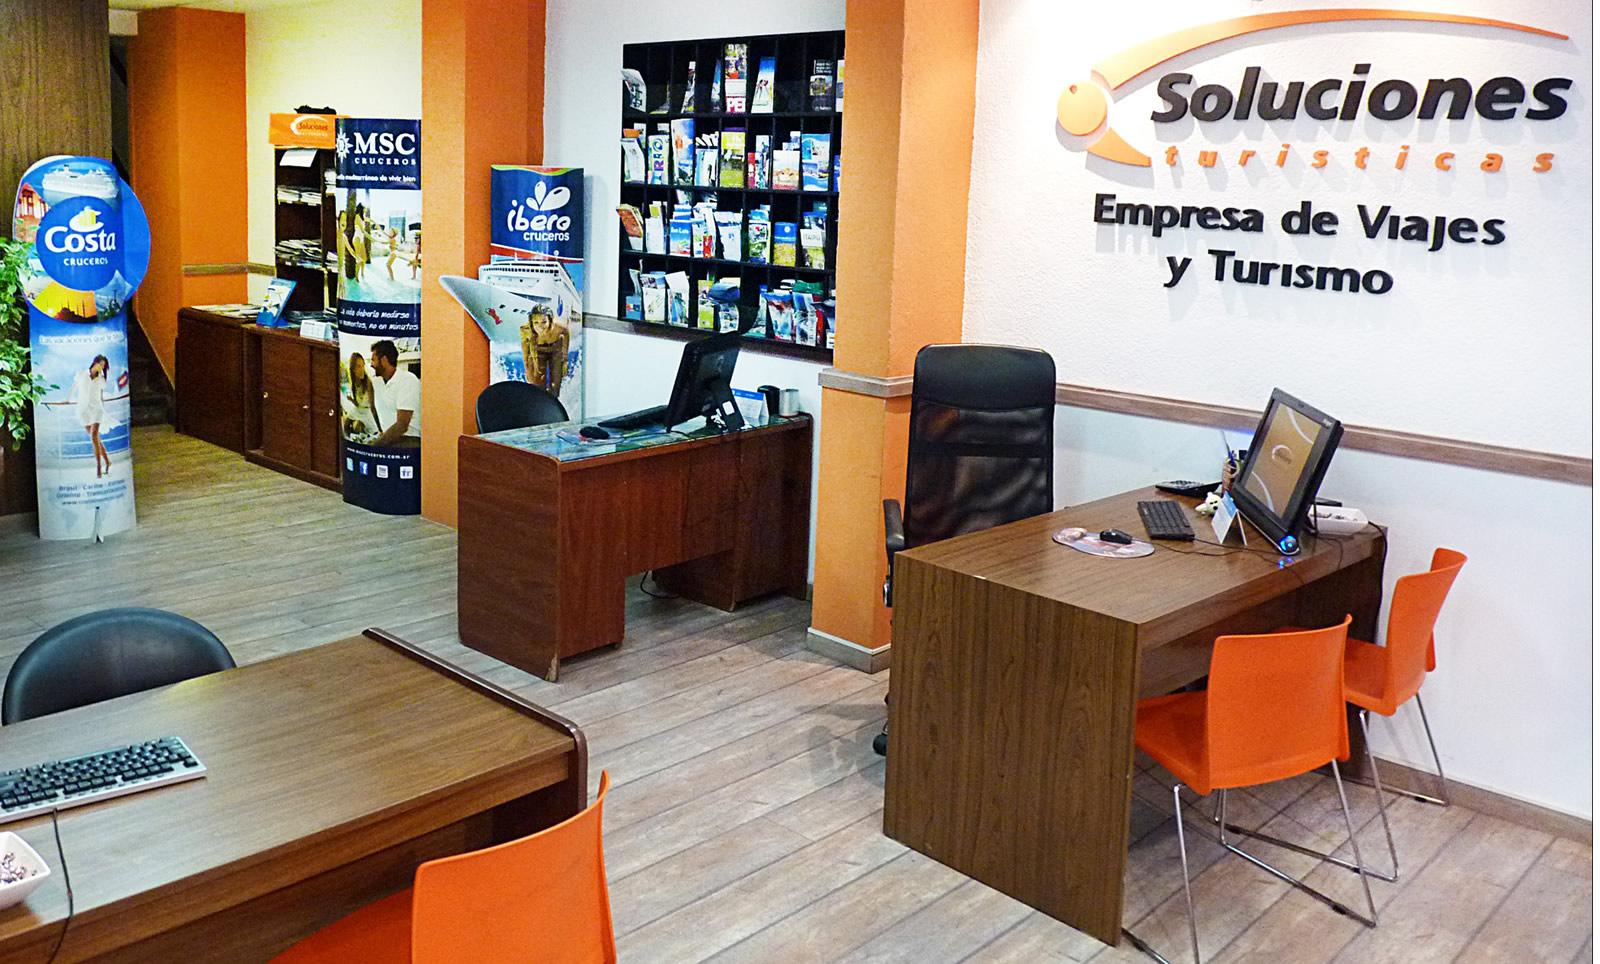 Oficina_soluciones_turisticas